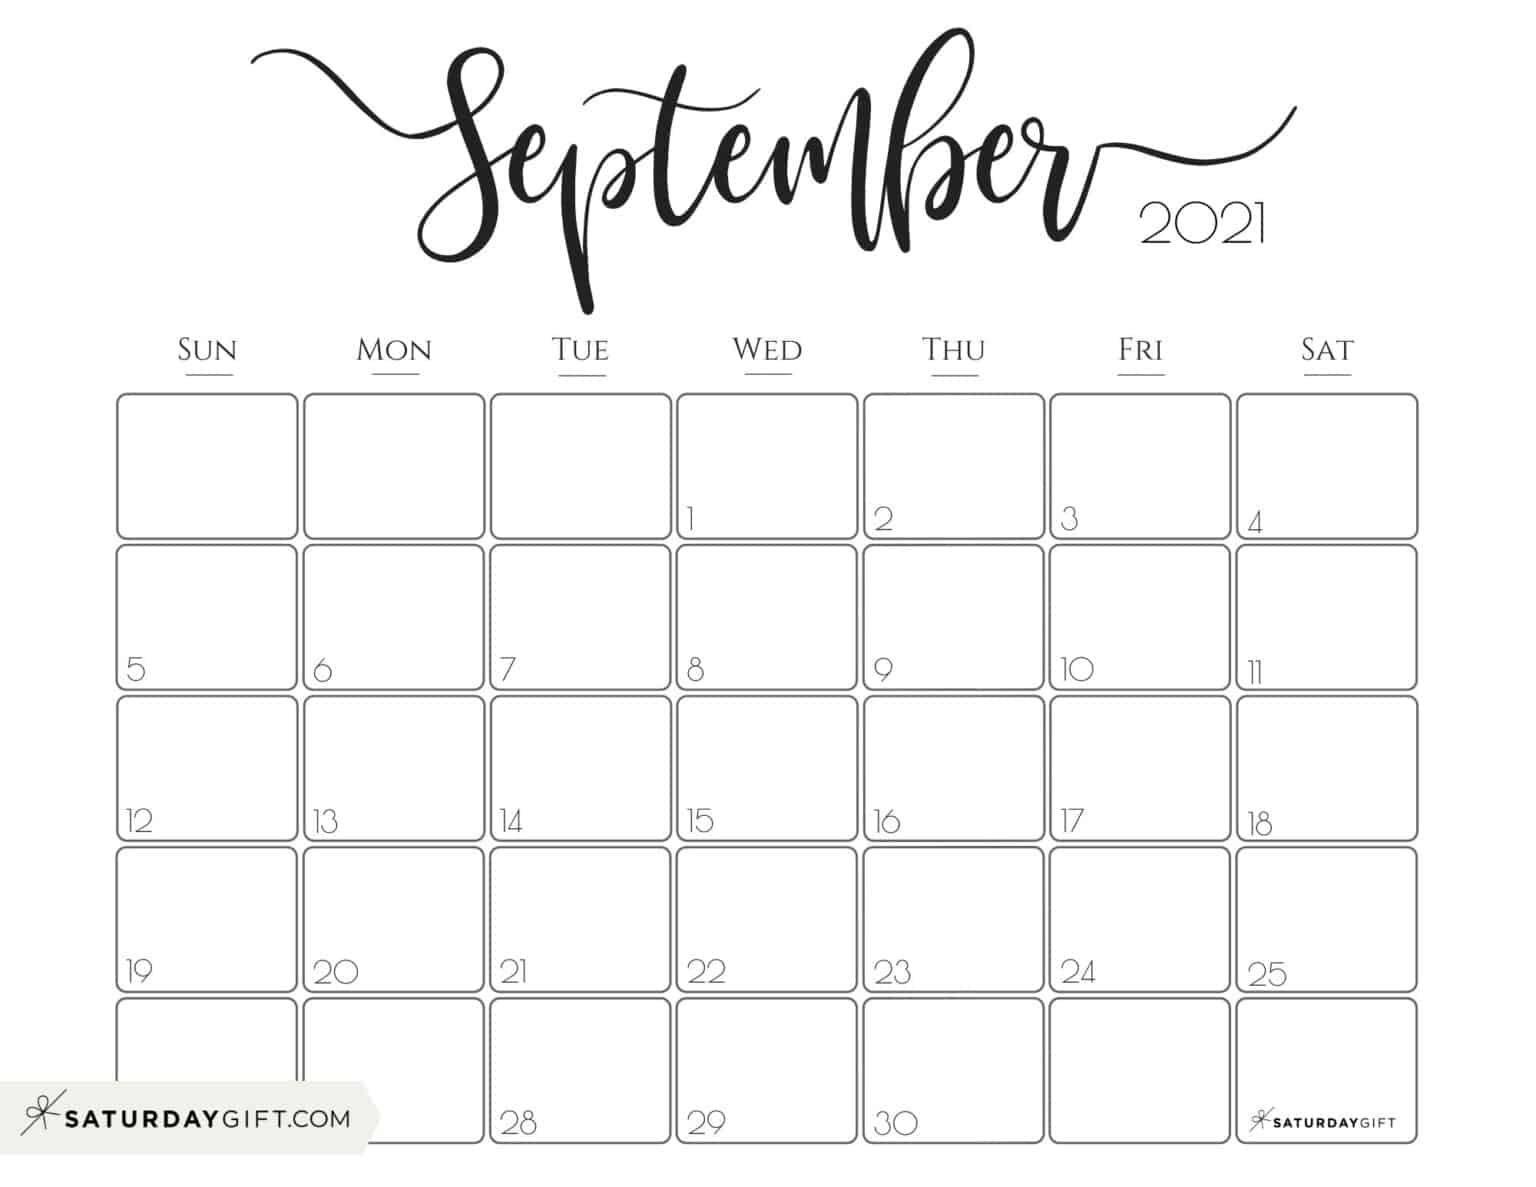 Elegant September 2021 Calendar Free Printable Horizontal Sunday Start